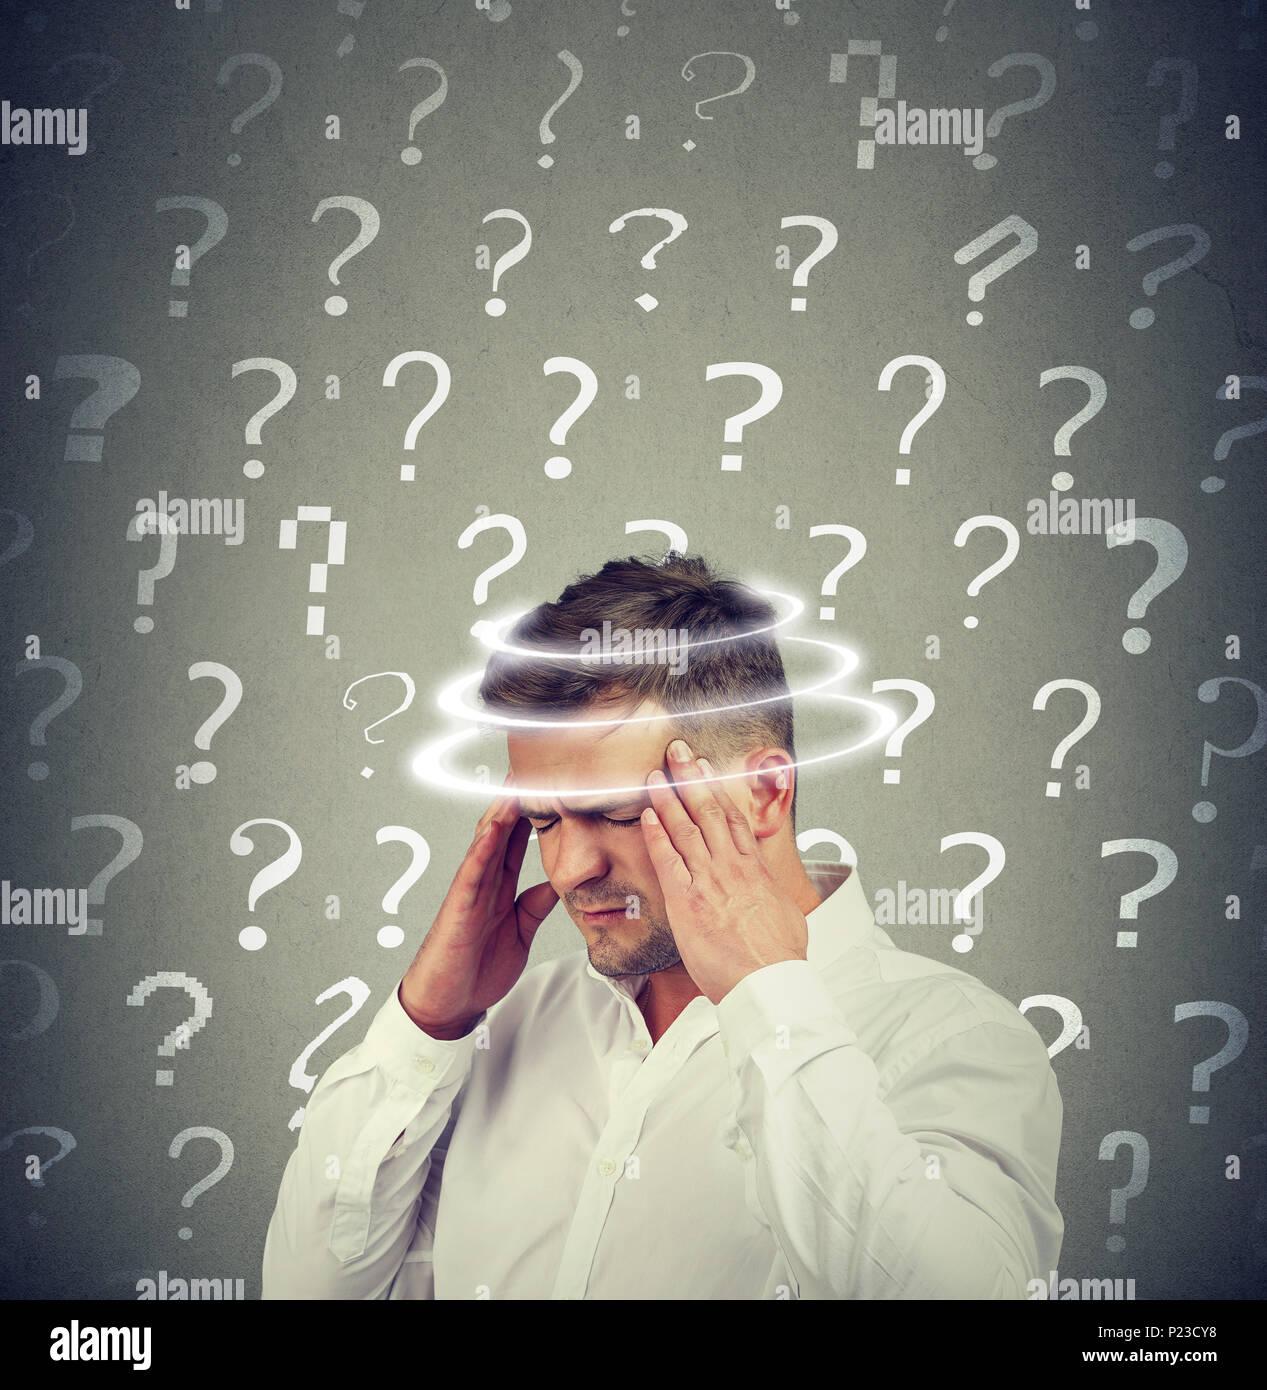 Captura conceptual de joven en camisa roza los templos buscando obsesionado con un montón de preguntas en mente. Imagen De Stock